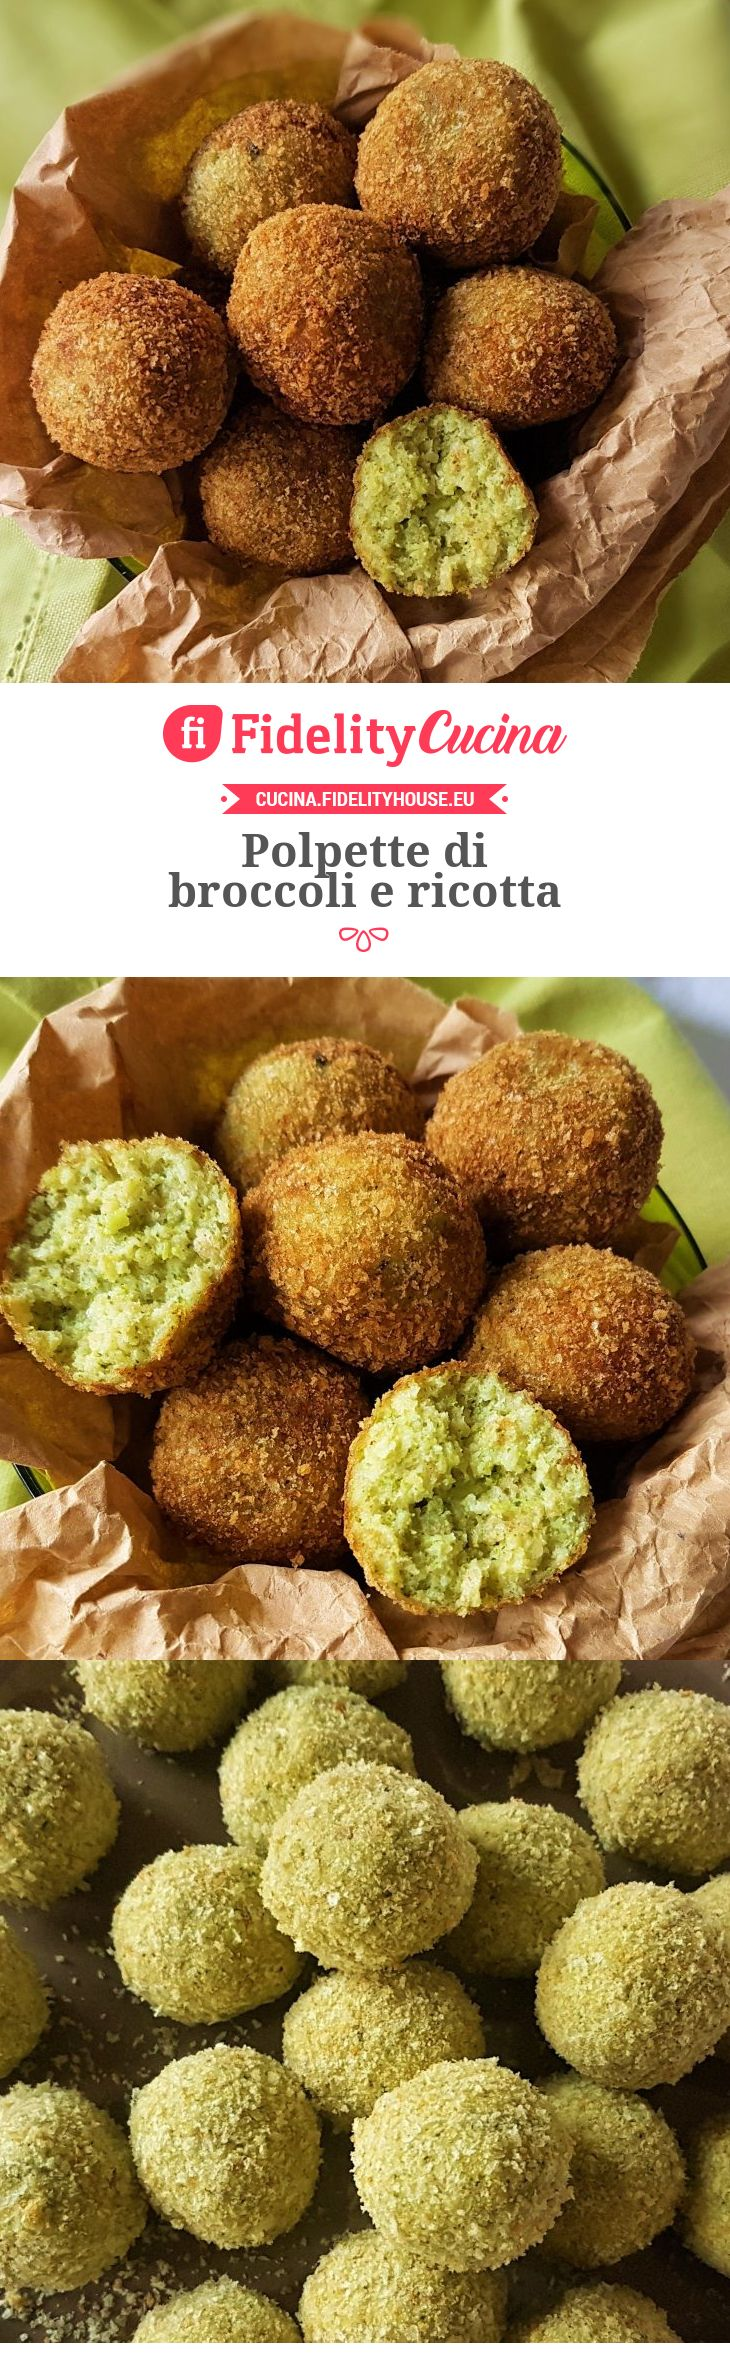 Polpette di broccoli e ricotta